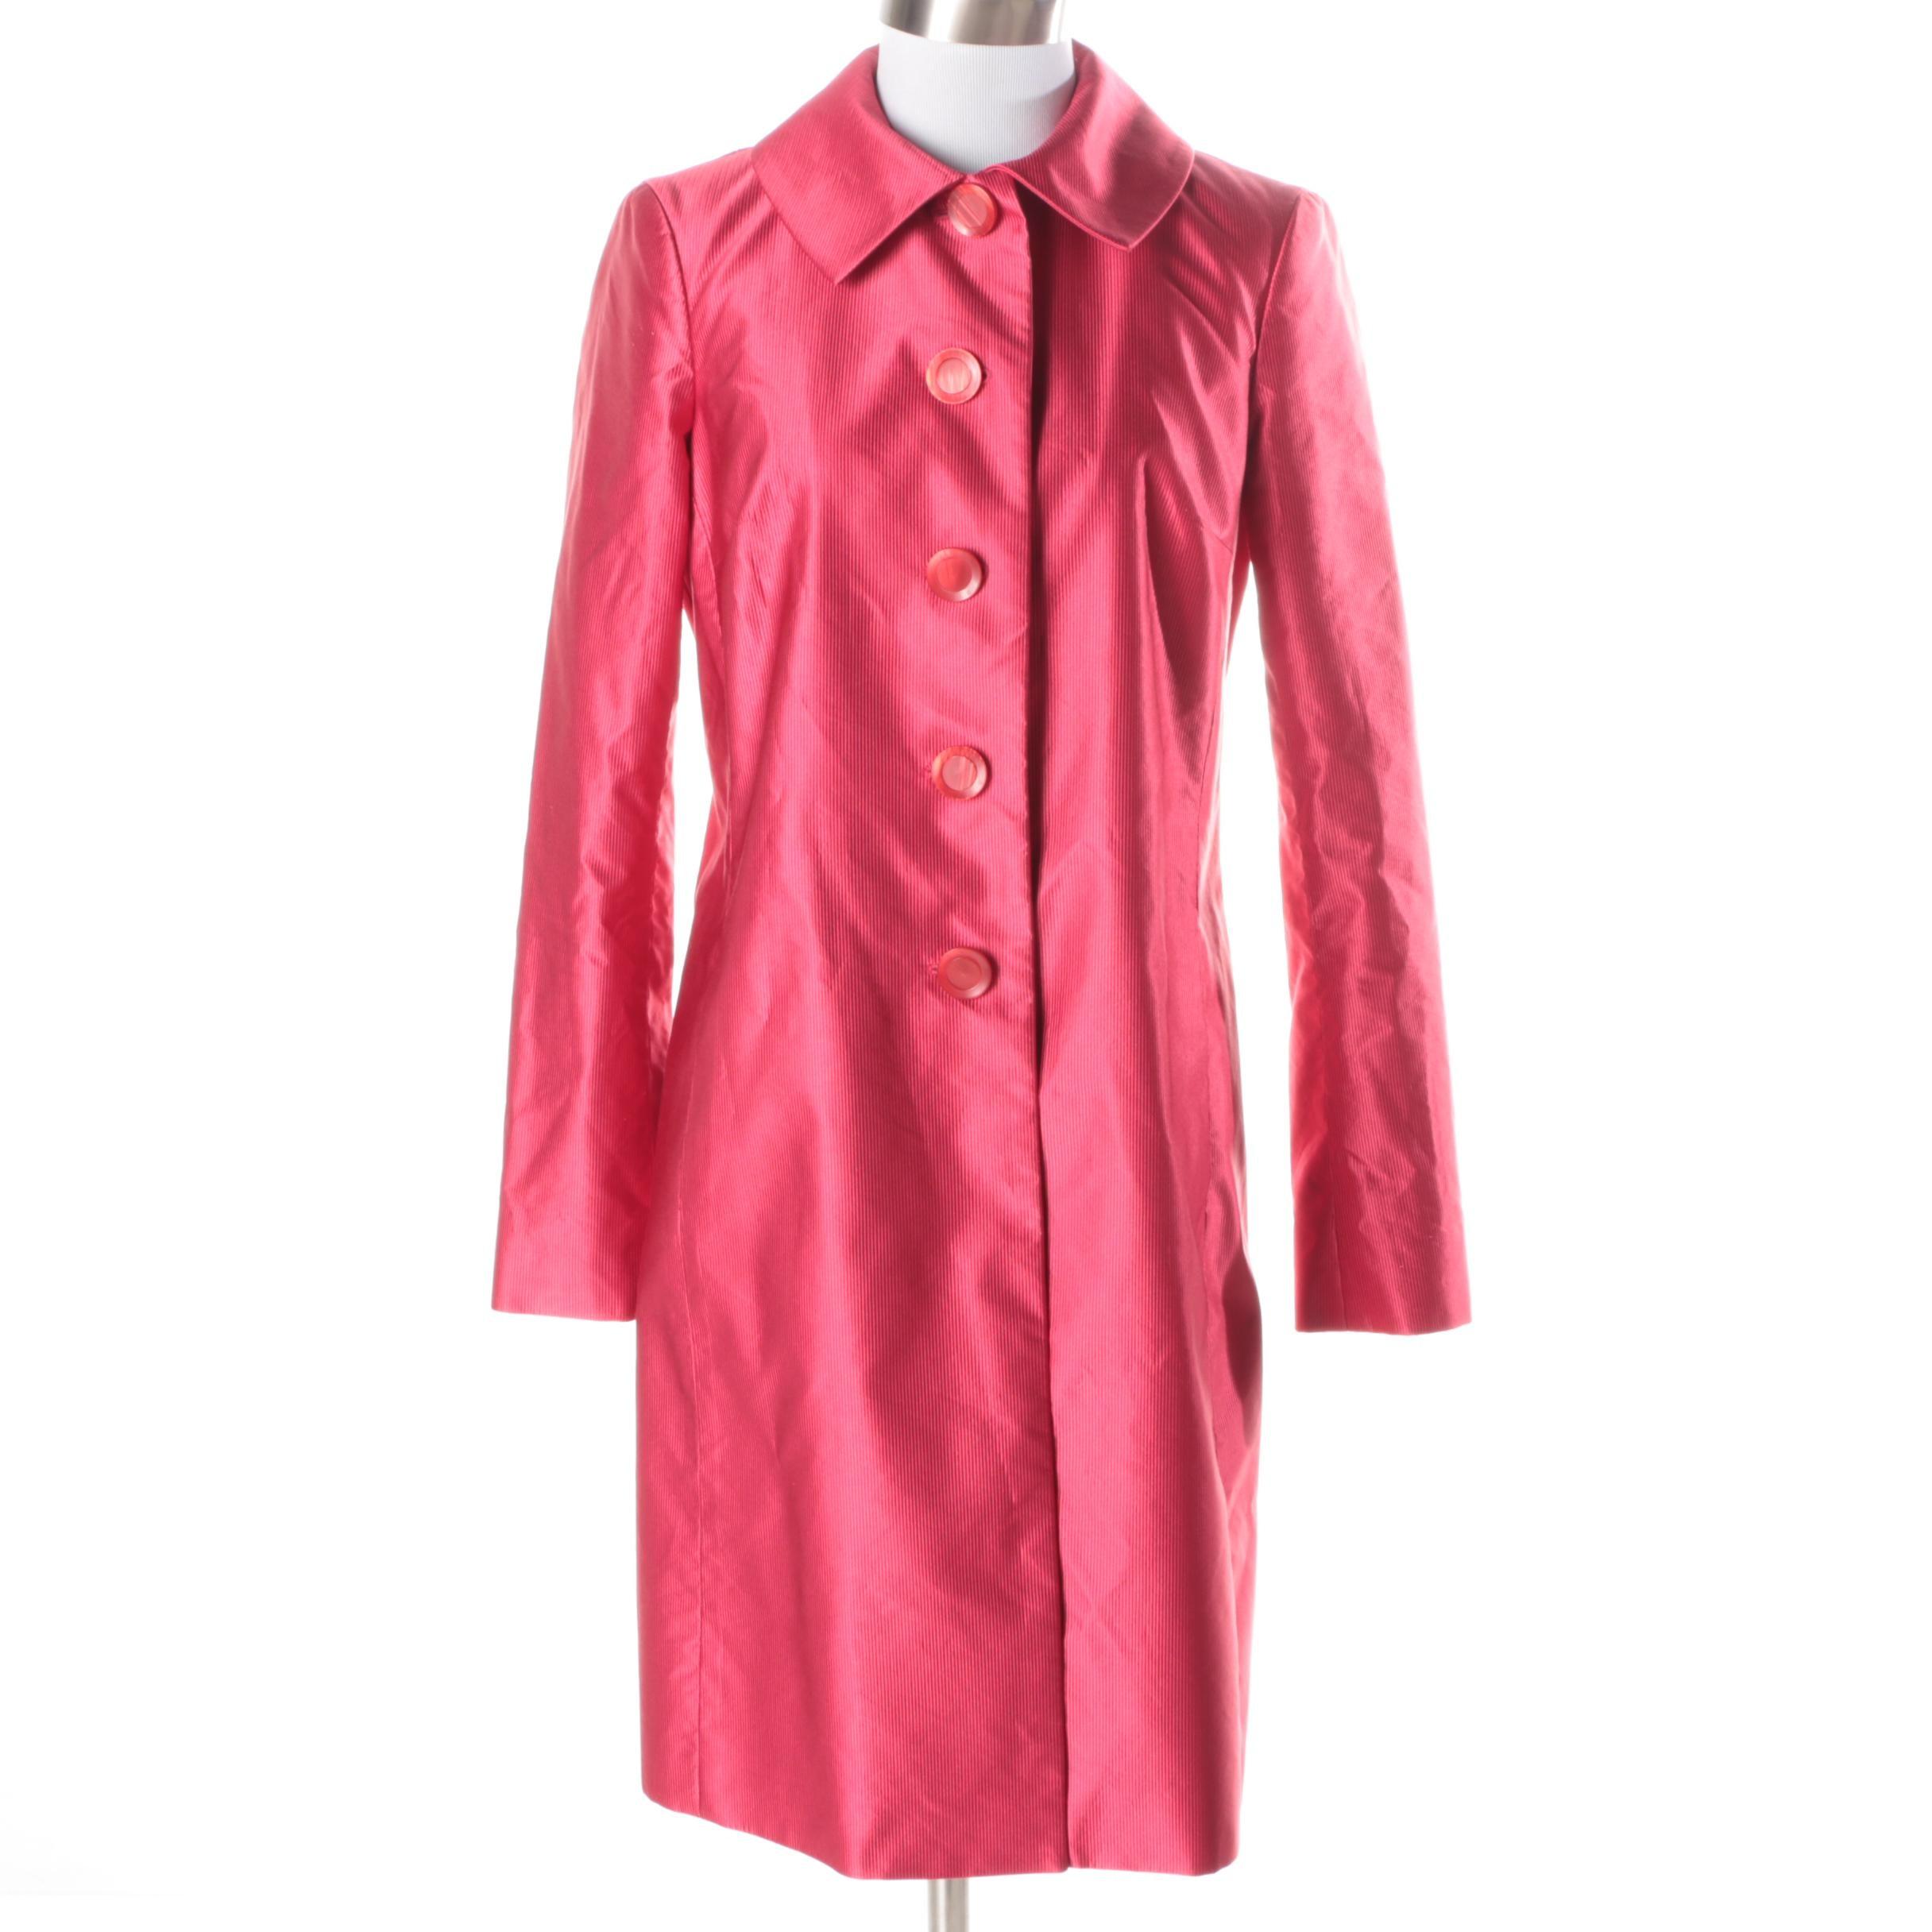 Women's Sigrid Olsen Overcoat